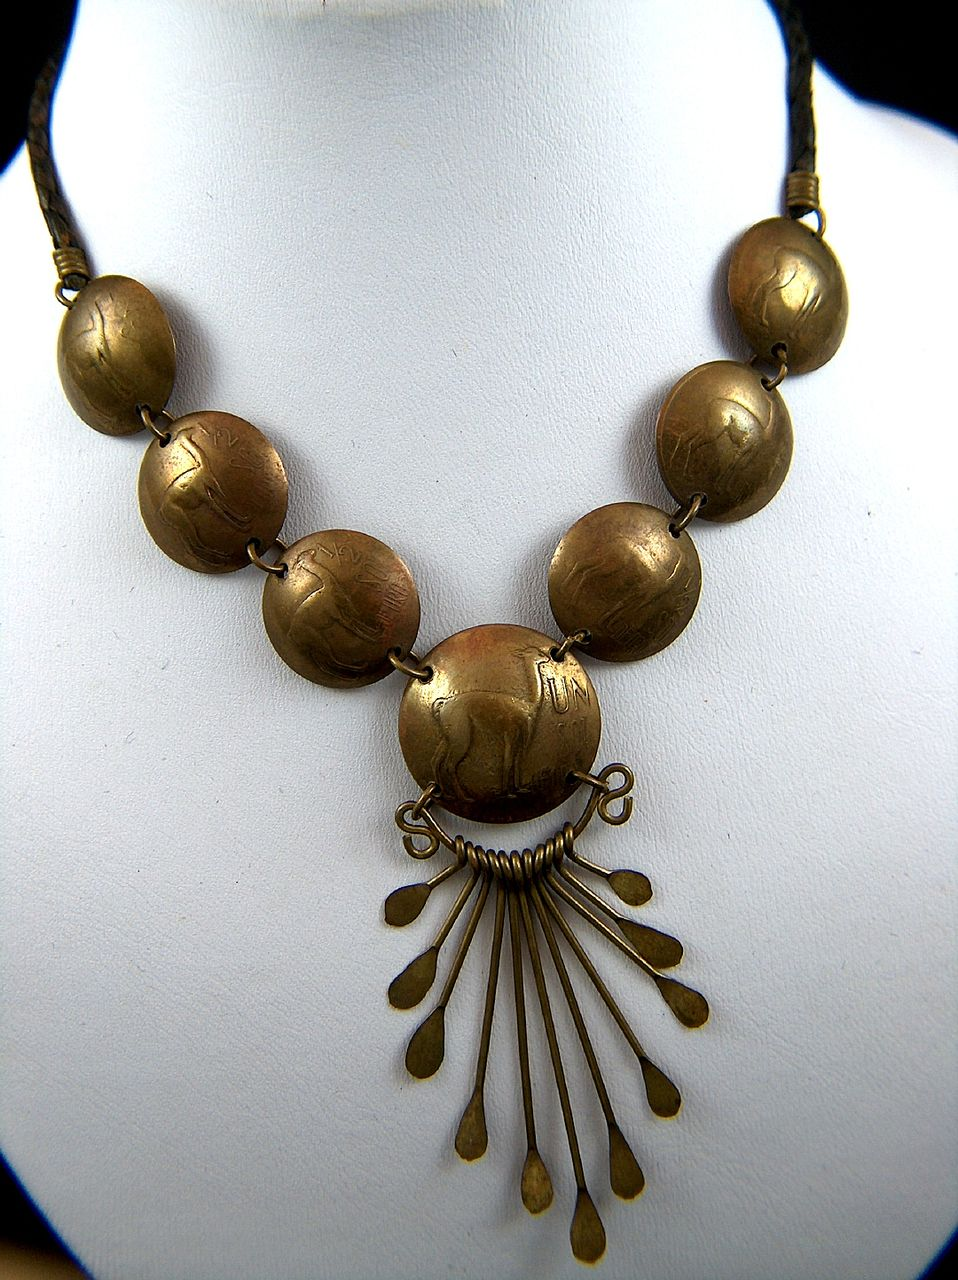 Vintage 1970s Peru Sol de Oro Brass Coin Necklace